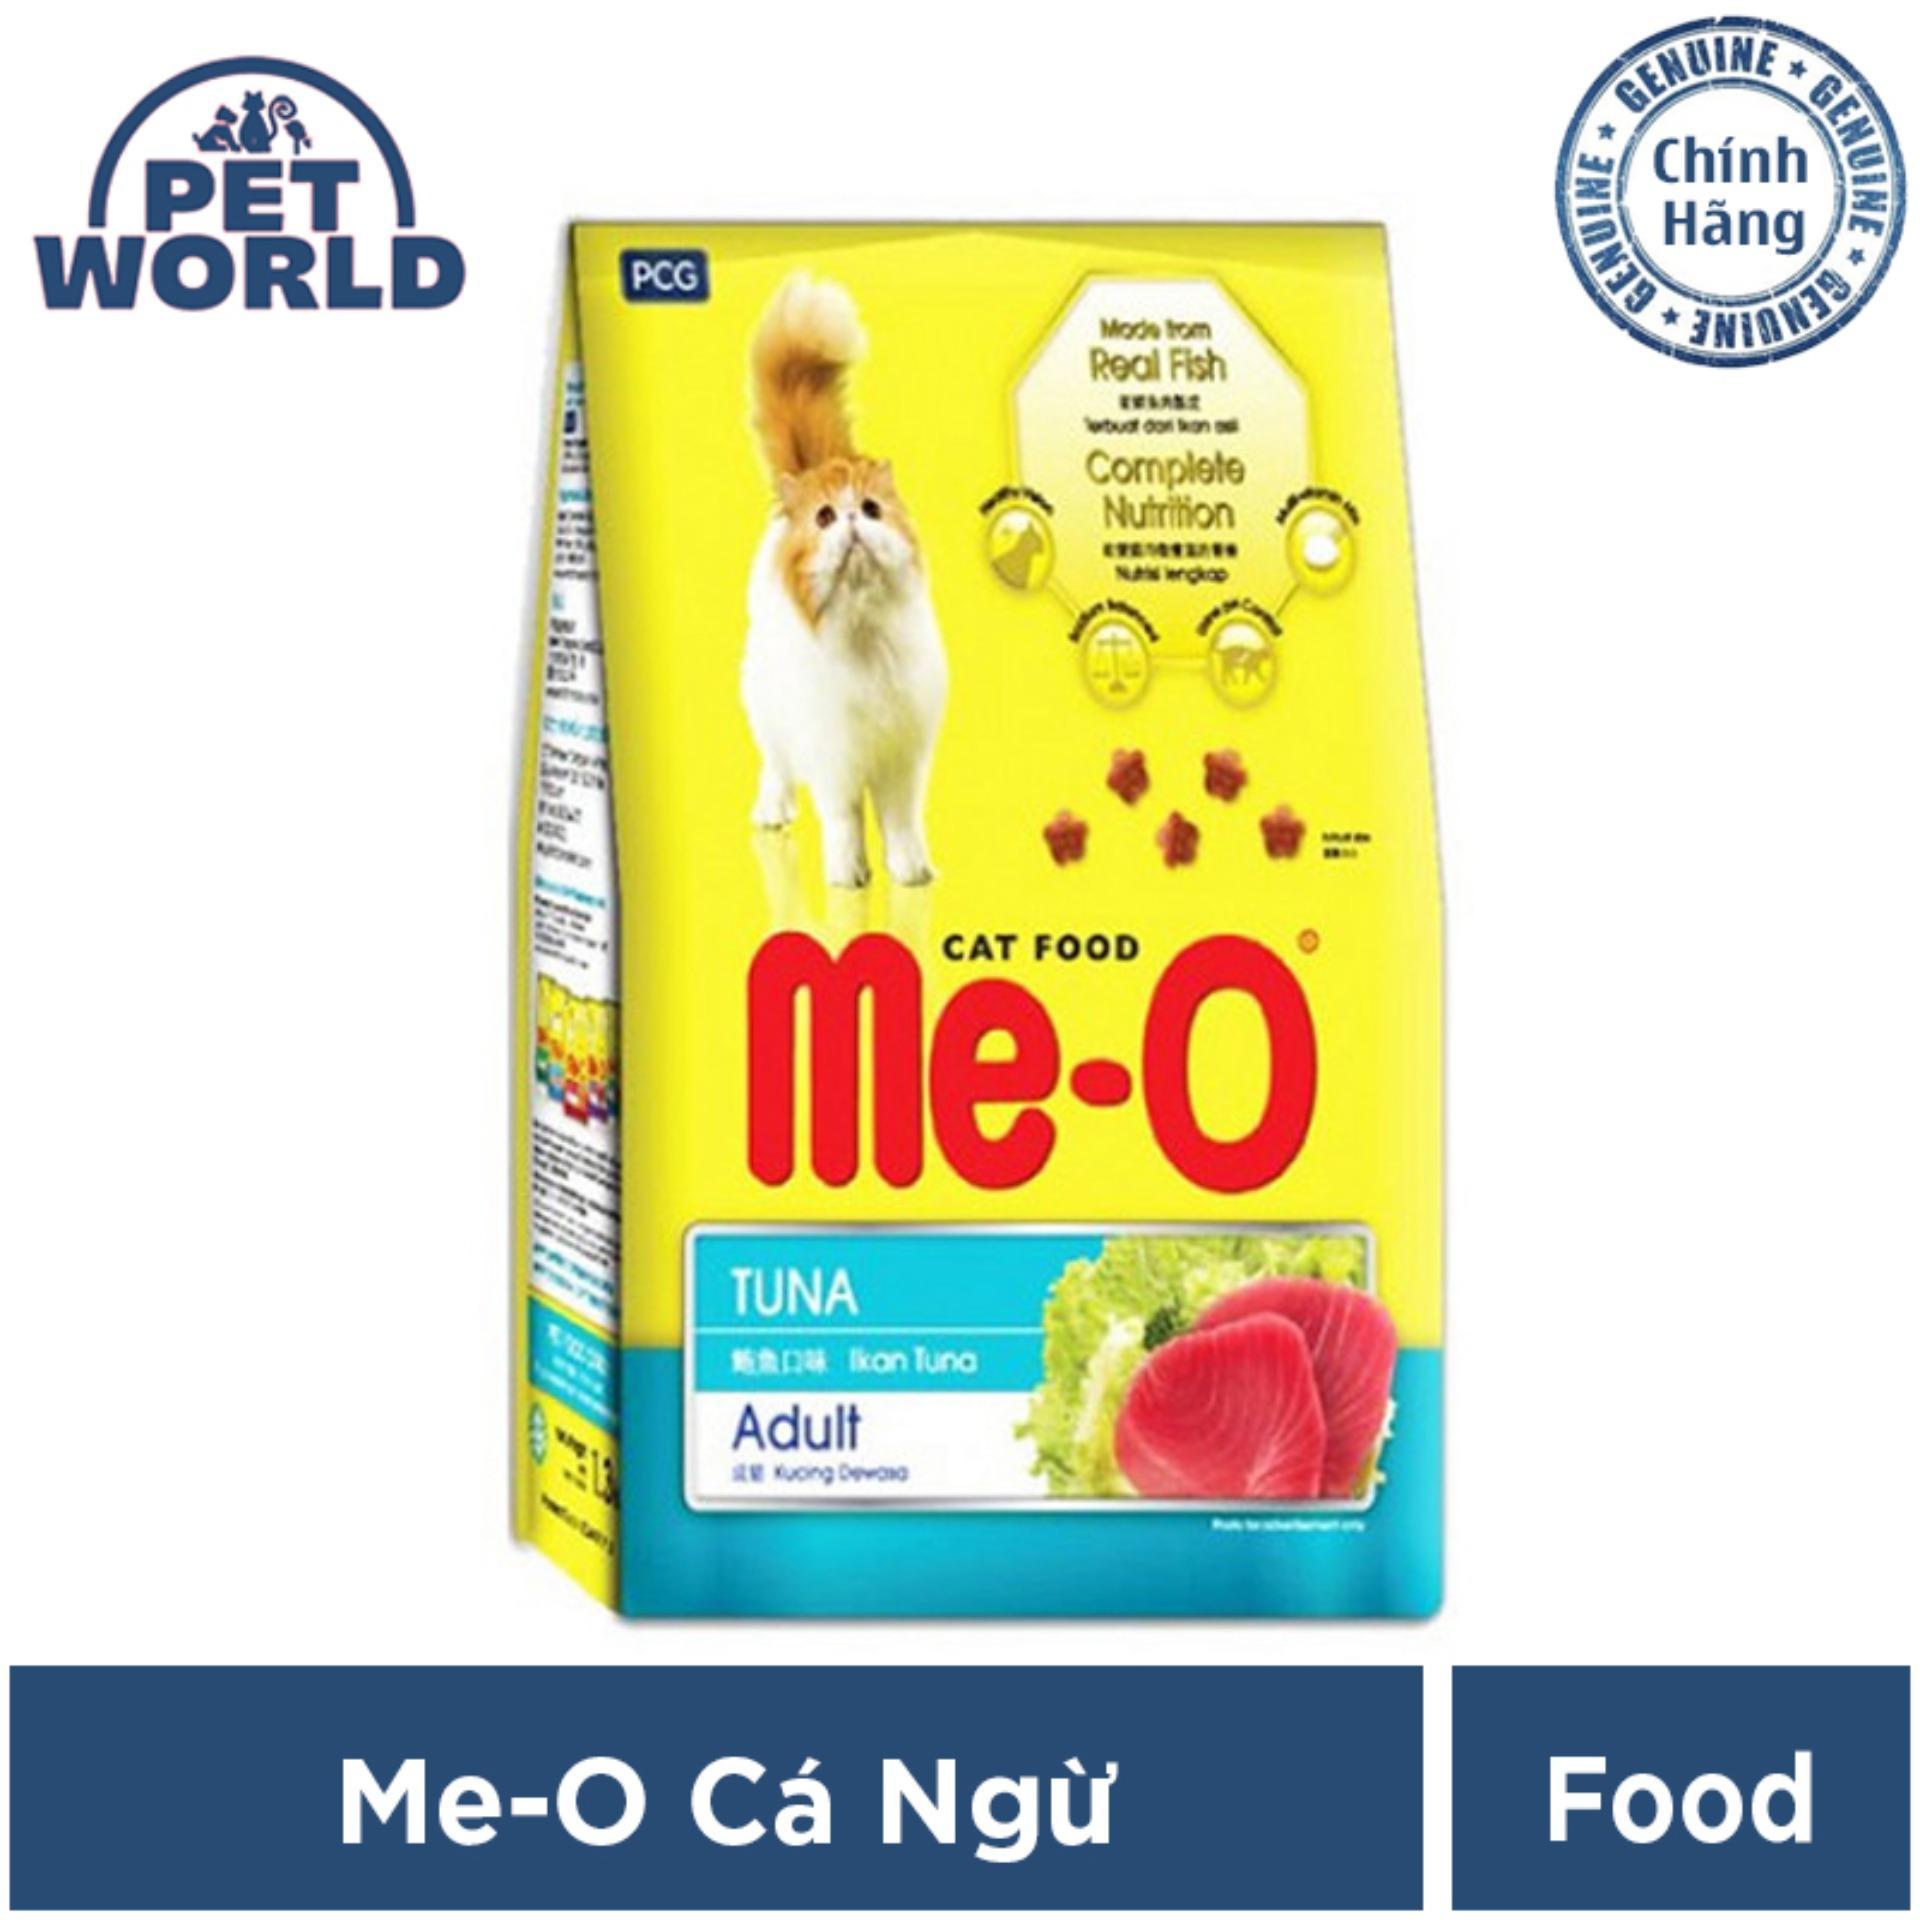 Thức ăn Cho Mèo Trưởng Thành Me-O - Vị Cá Ngừ- Dạng Túi 7kg (gồm 20 Túi) Có Giá Tốt